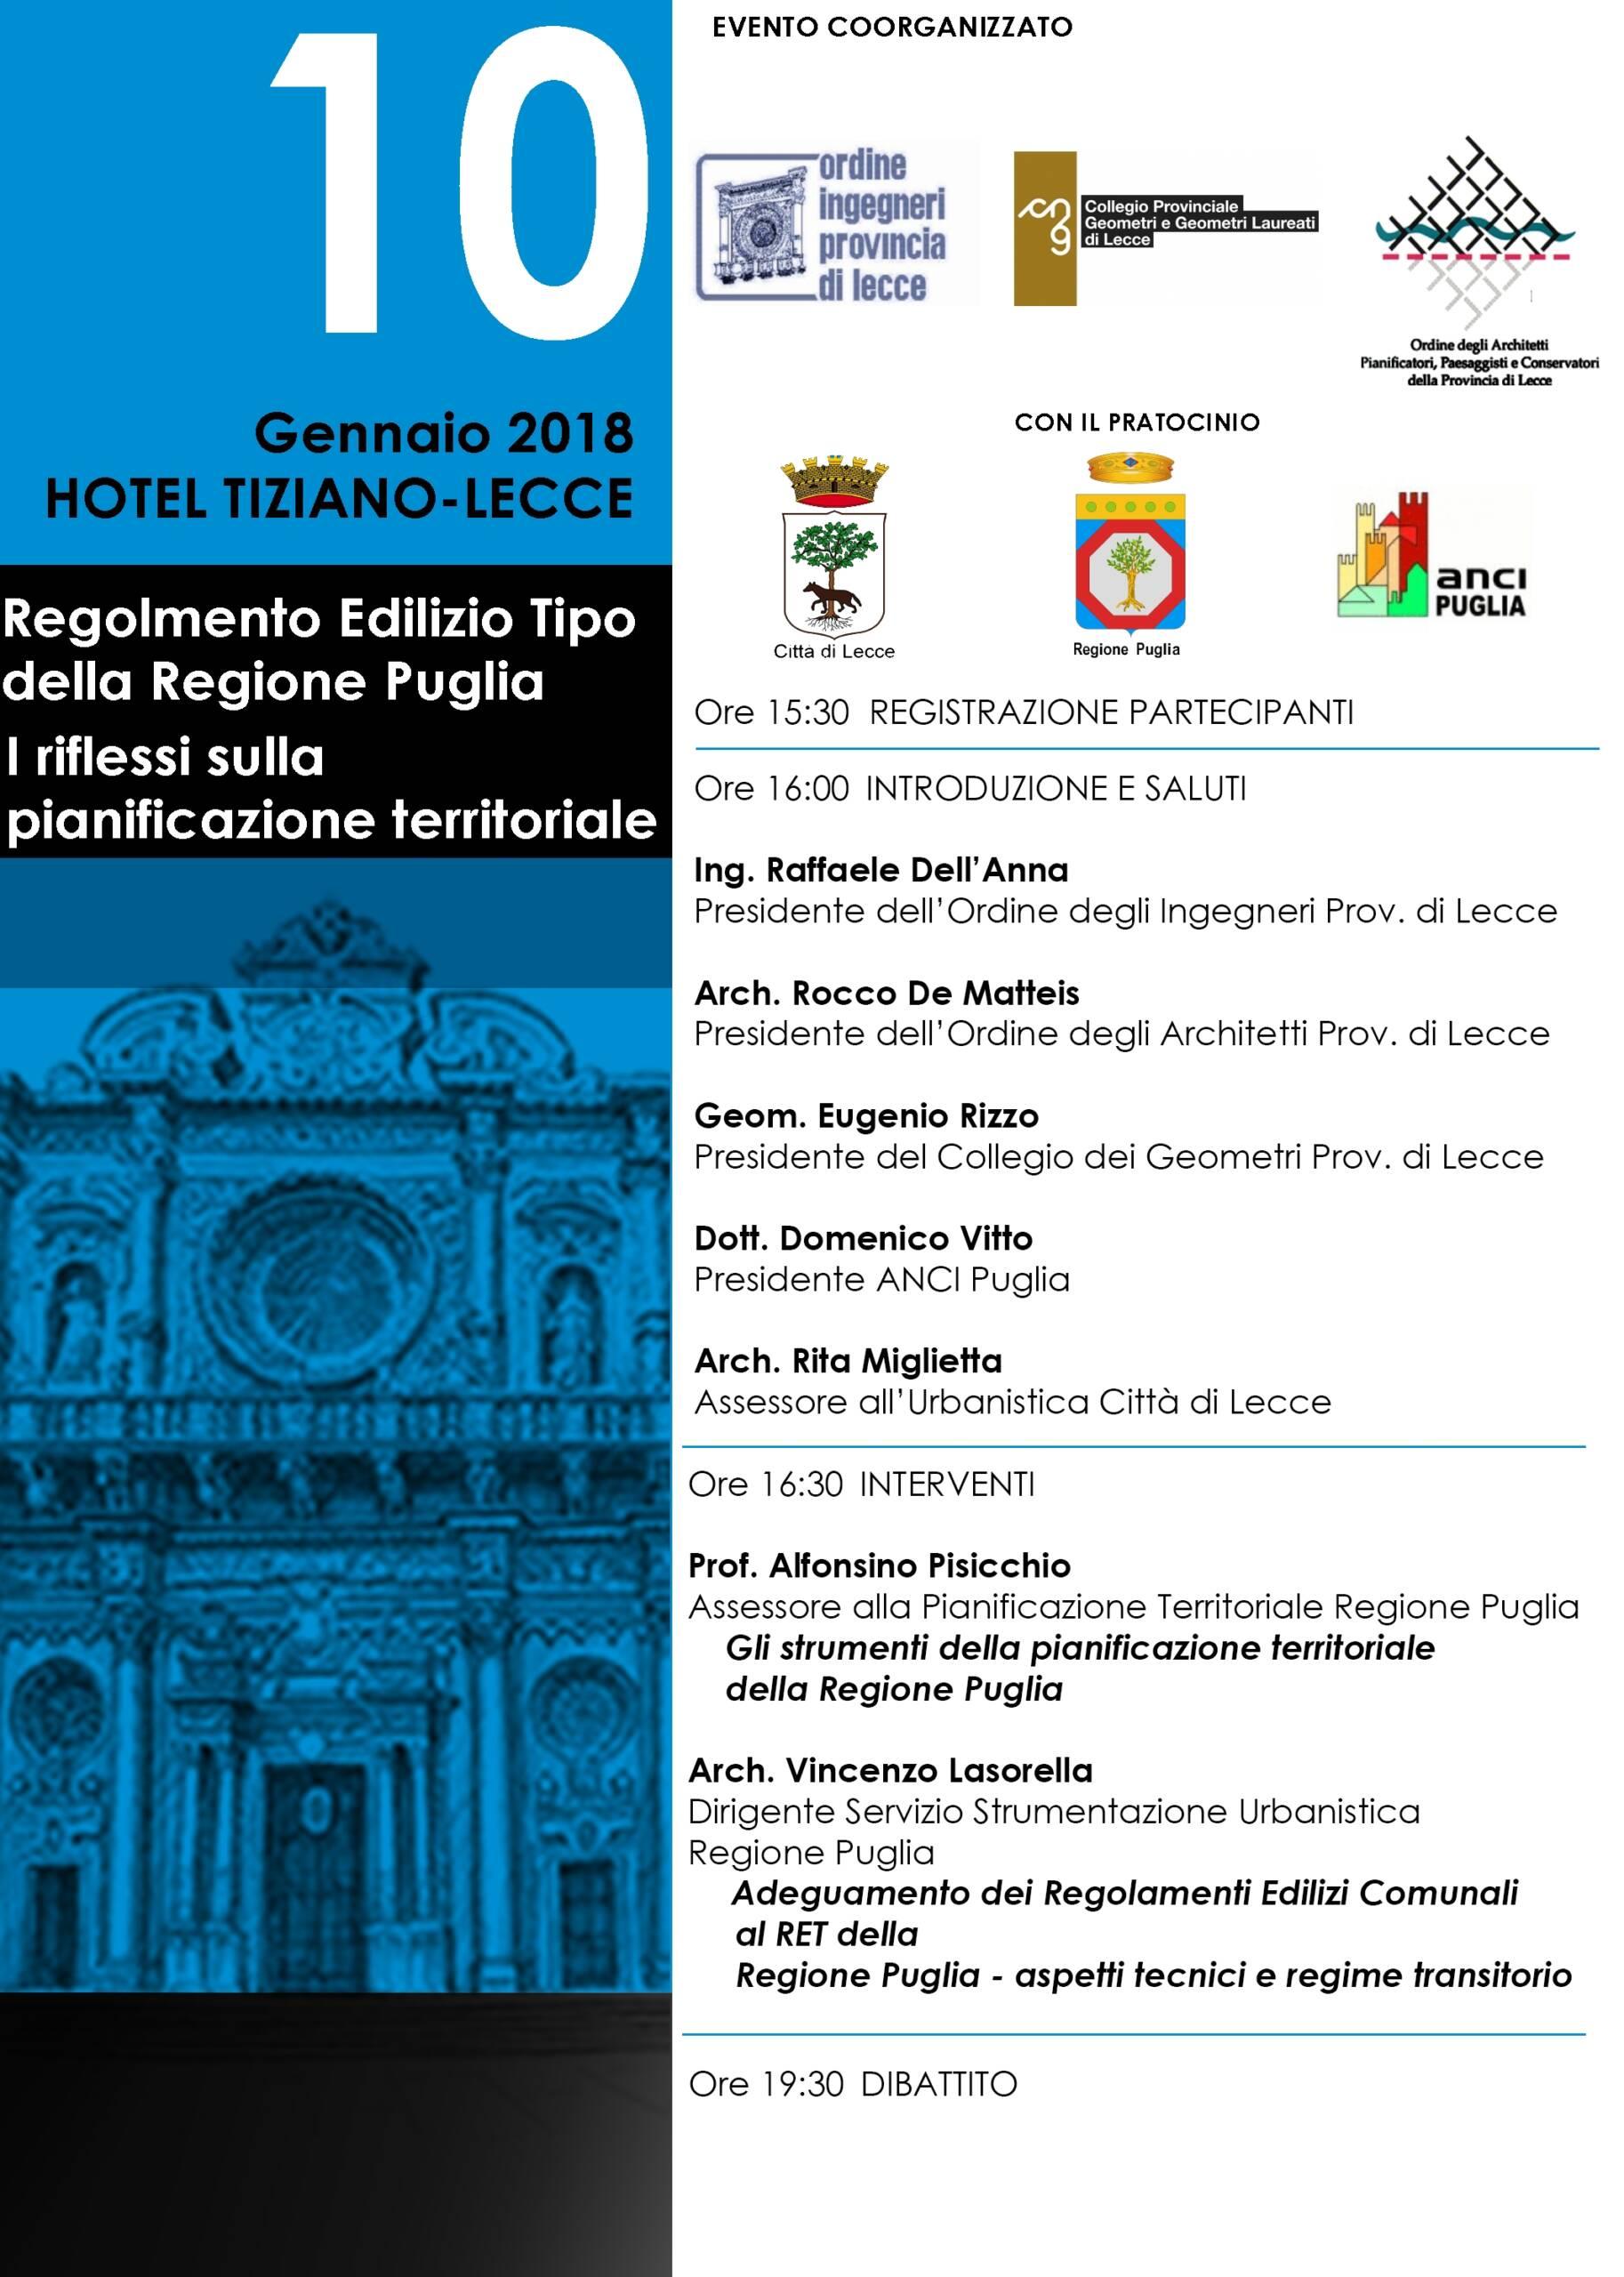 Evento – Regolamento Edilizio Tipo della Regione Puglia. I riflessi sulla pianificazione territoriale – Lecce 10/01/2018